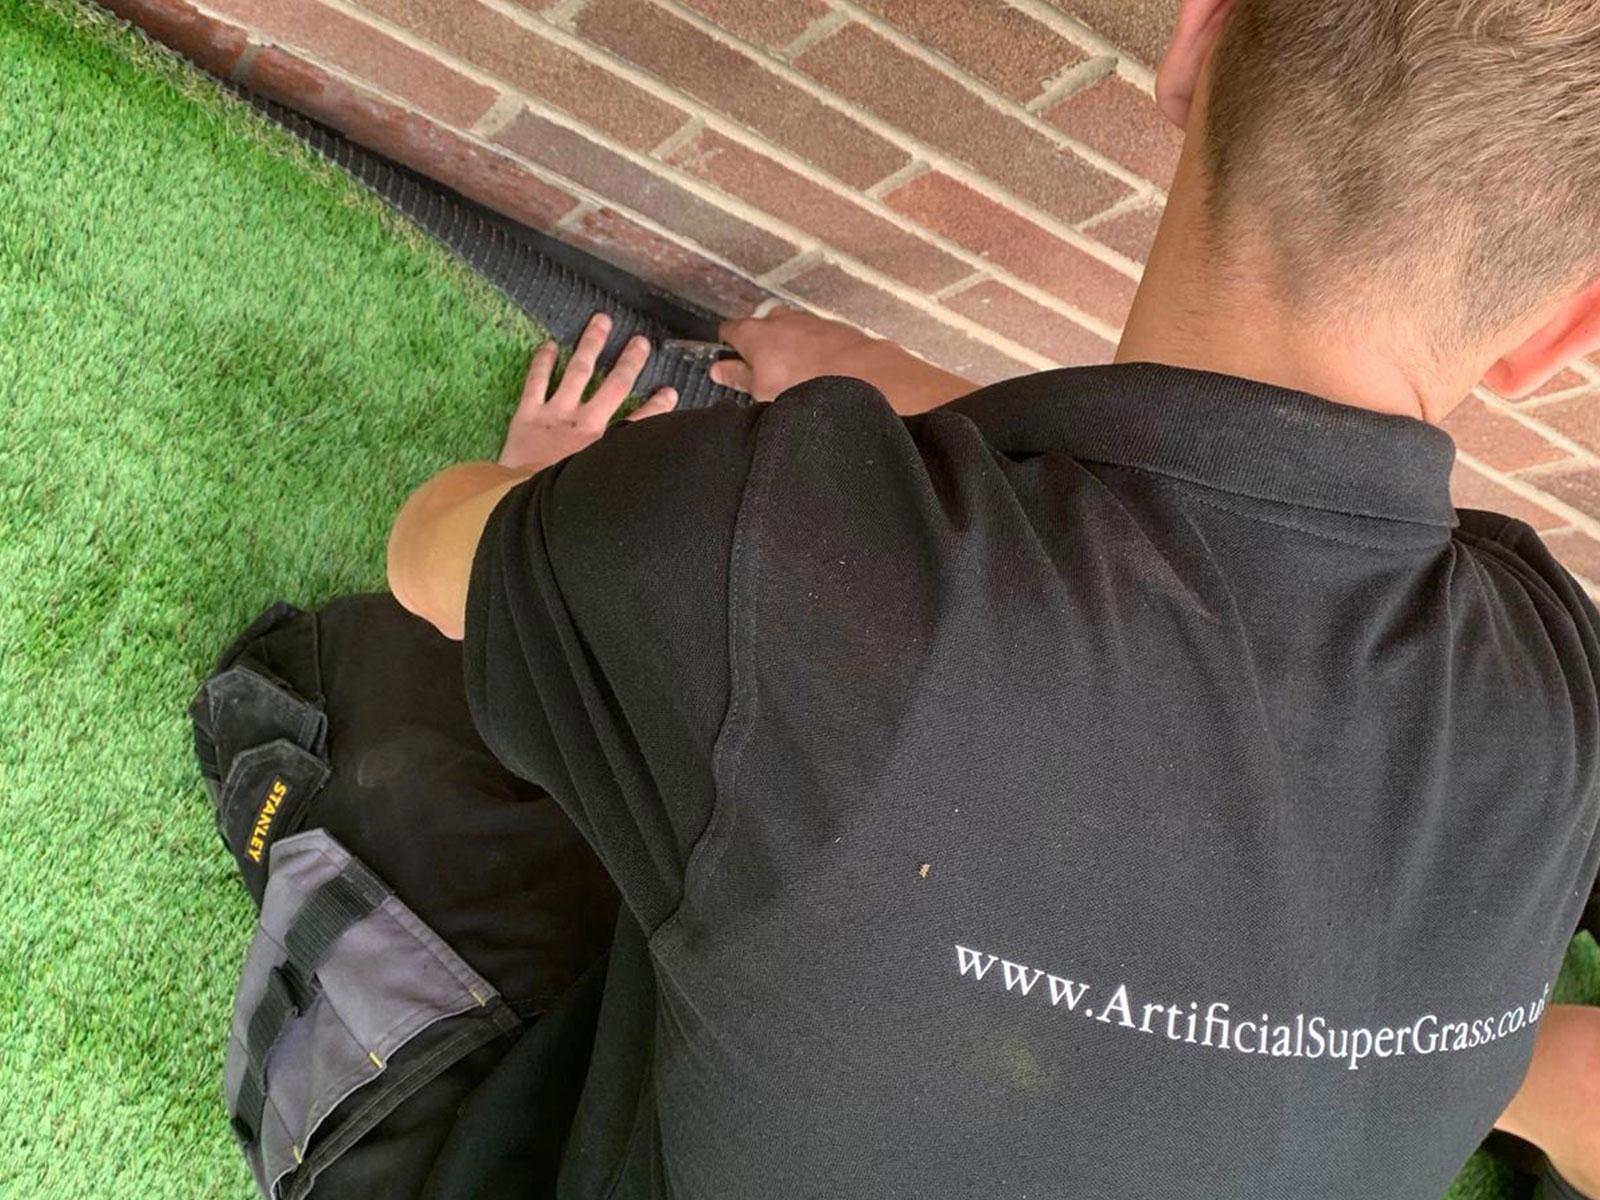 Artificial Grass For Sale Boston Artificial Super Grass